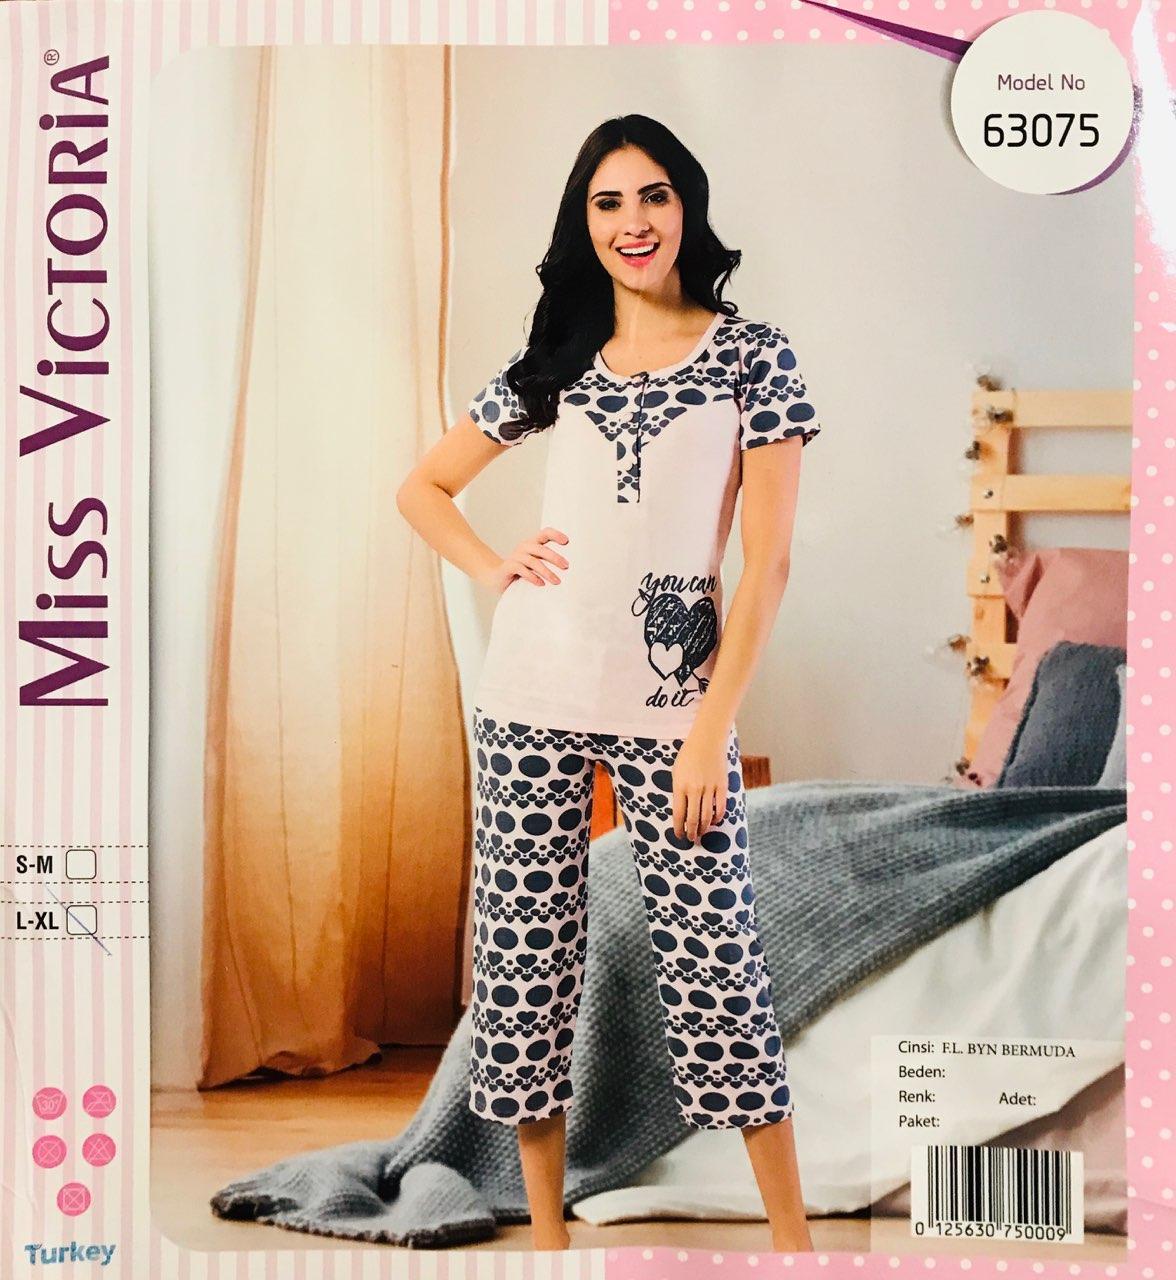 Женская пижама хлопок Miss Victoria Турция размер L-XL(46-48) 63075